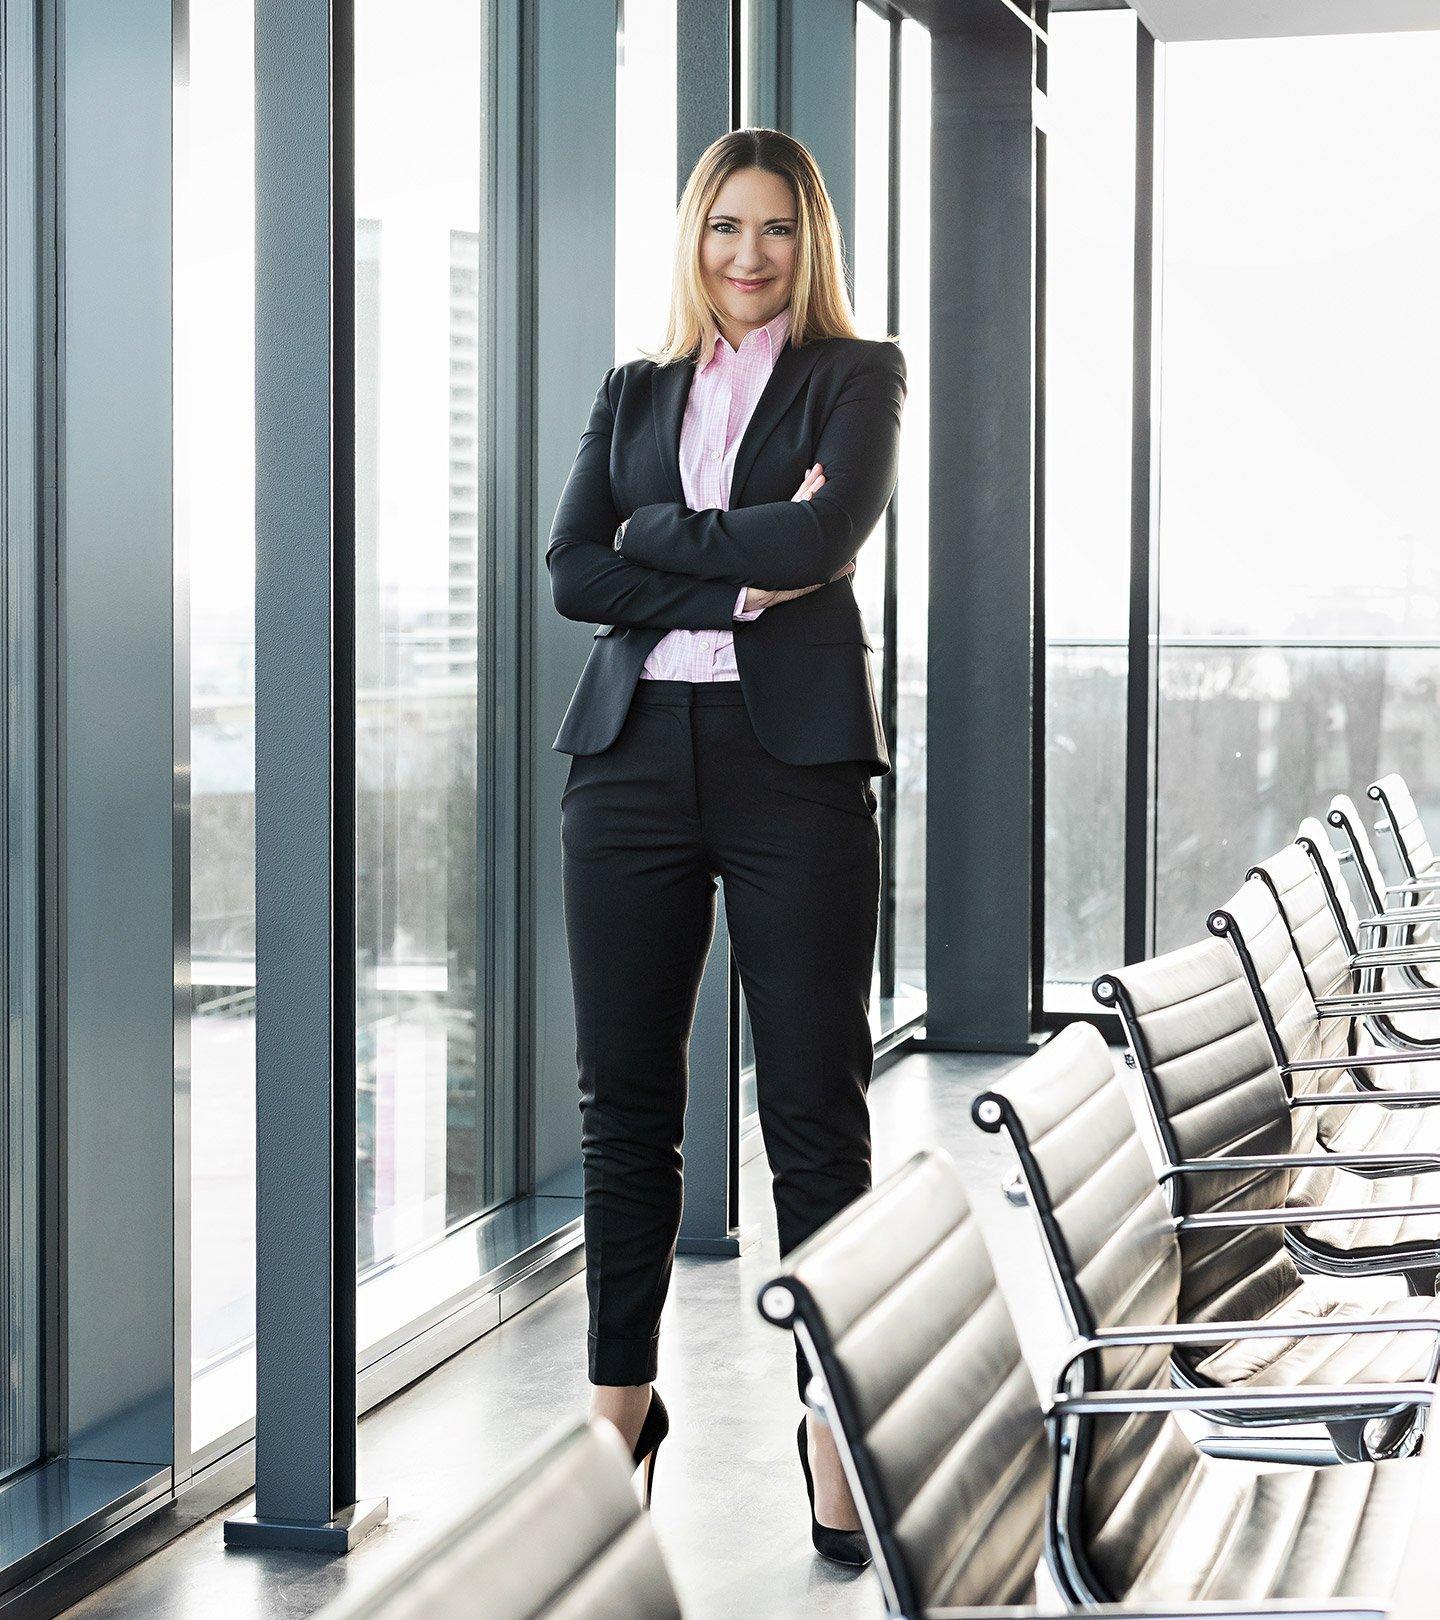 Suzanna Artmann, Geschäftsführerin der Paribus Treuhand Dienstleistung und der Paribus Trust